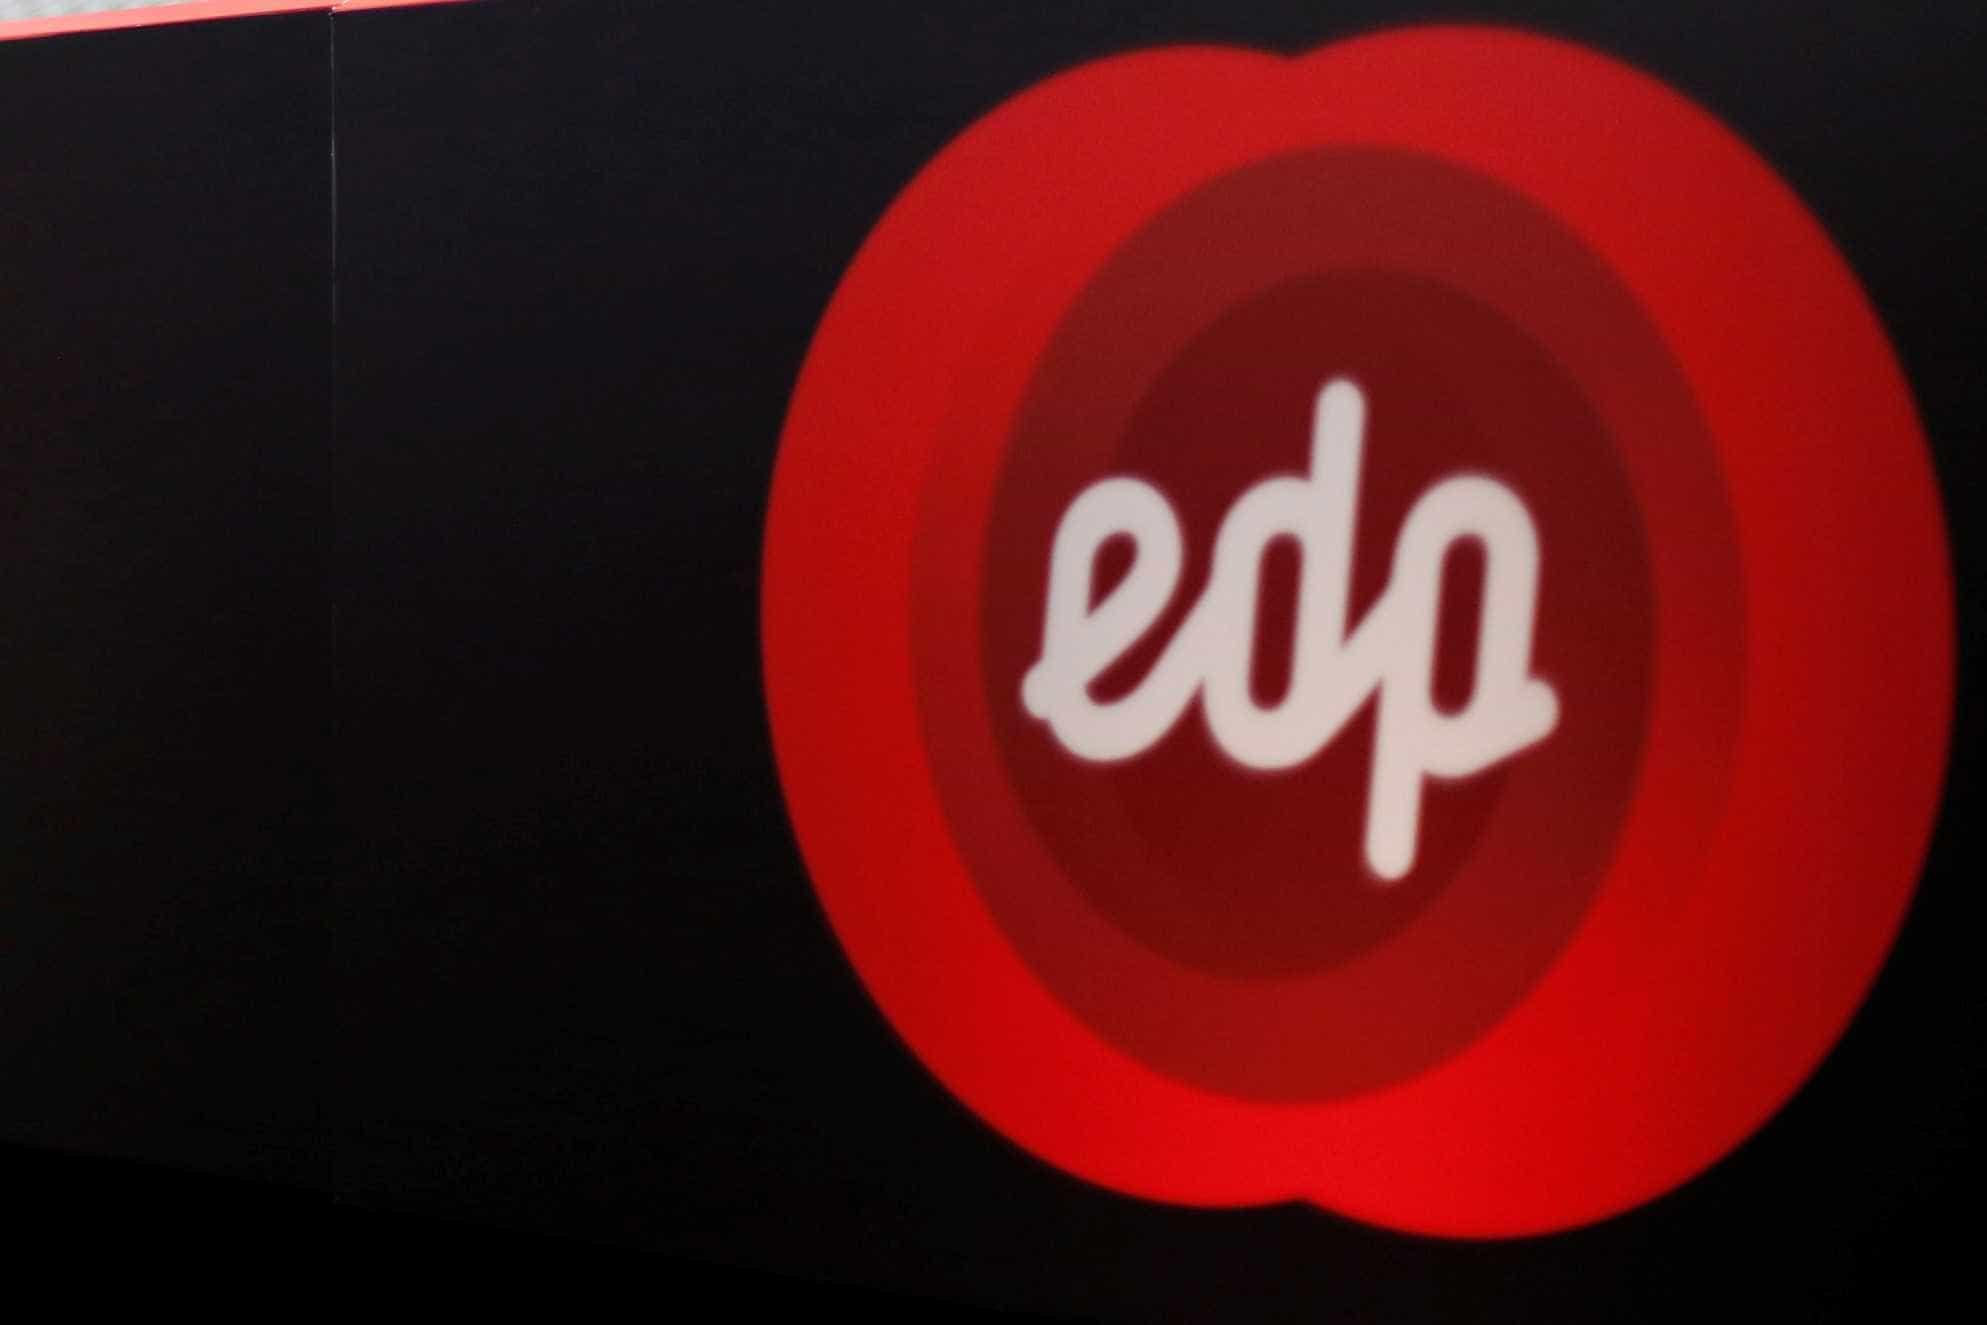 EDP propõe manutenção do dividendo em 19 cêntimos por ação